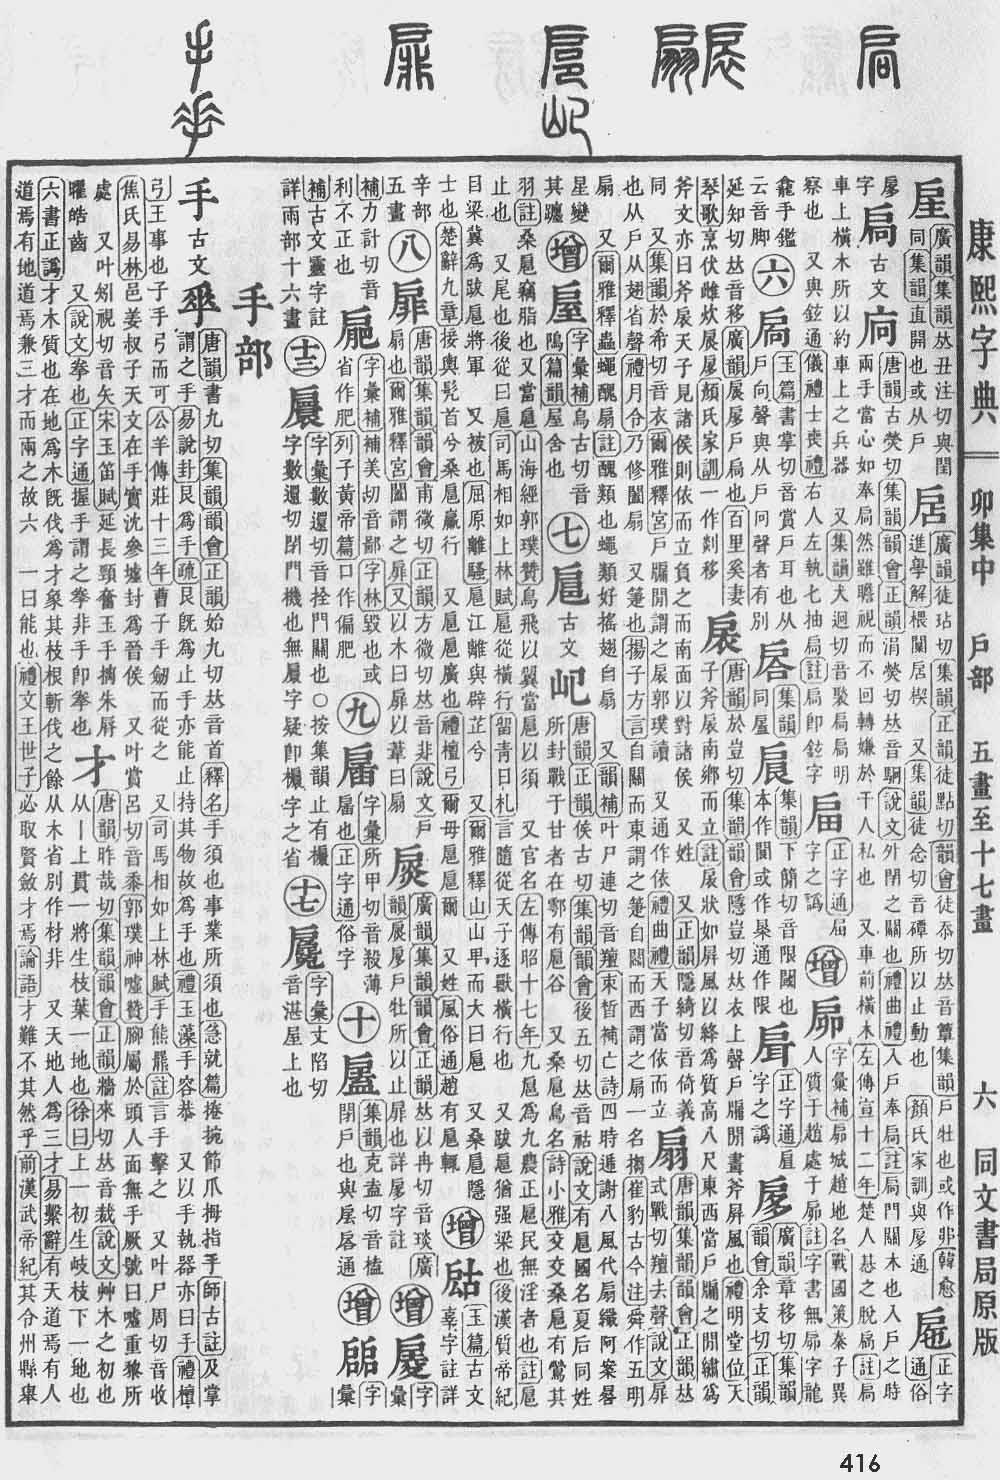 《康熙字典》第416页